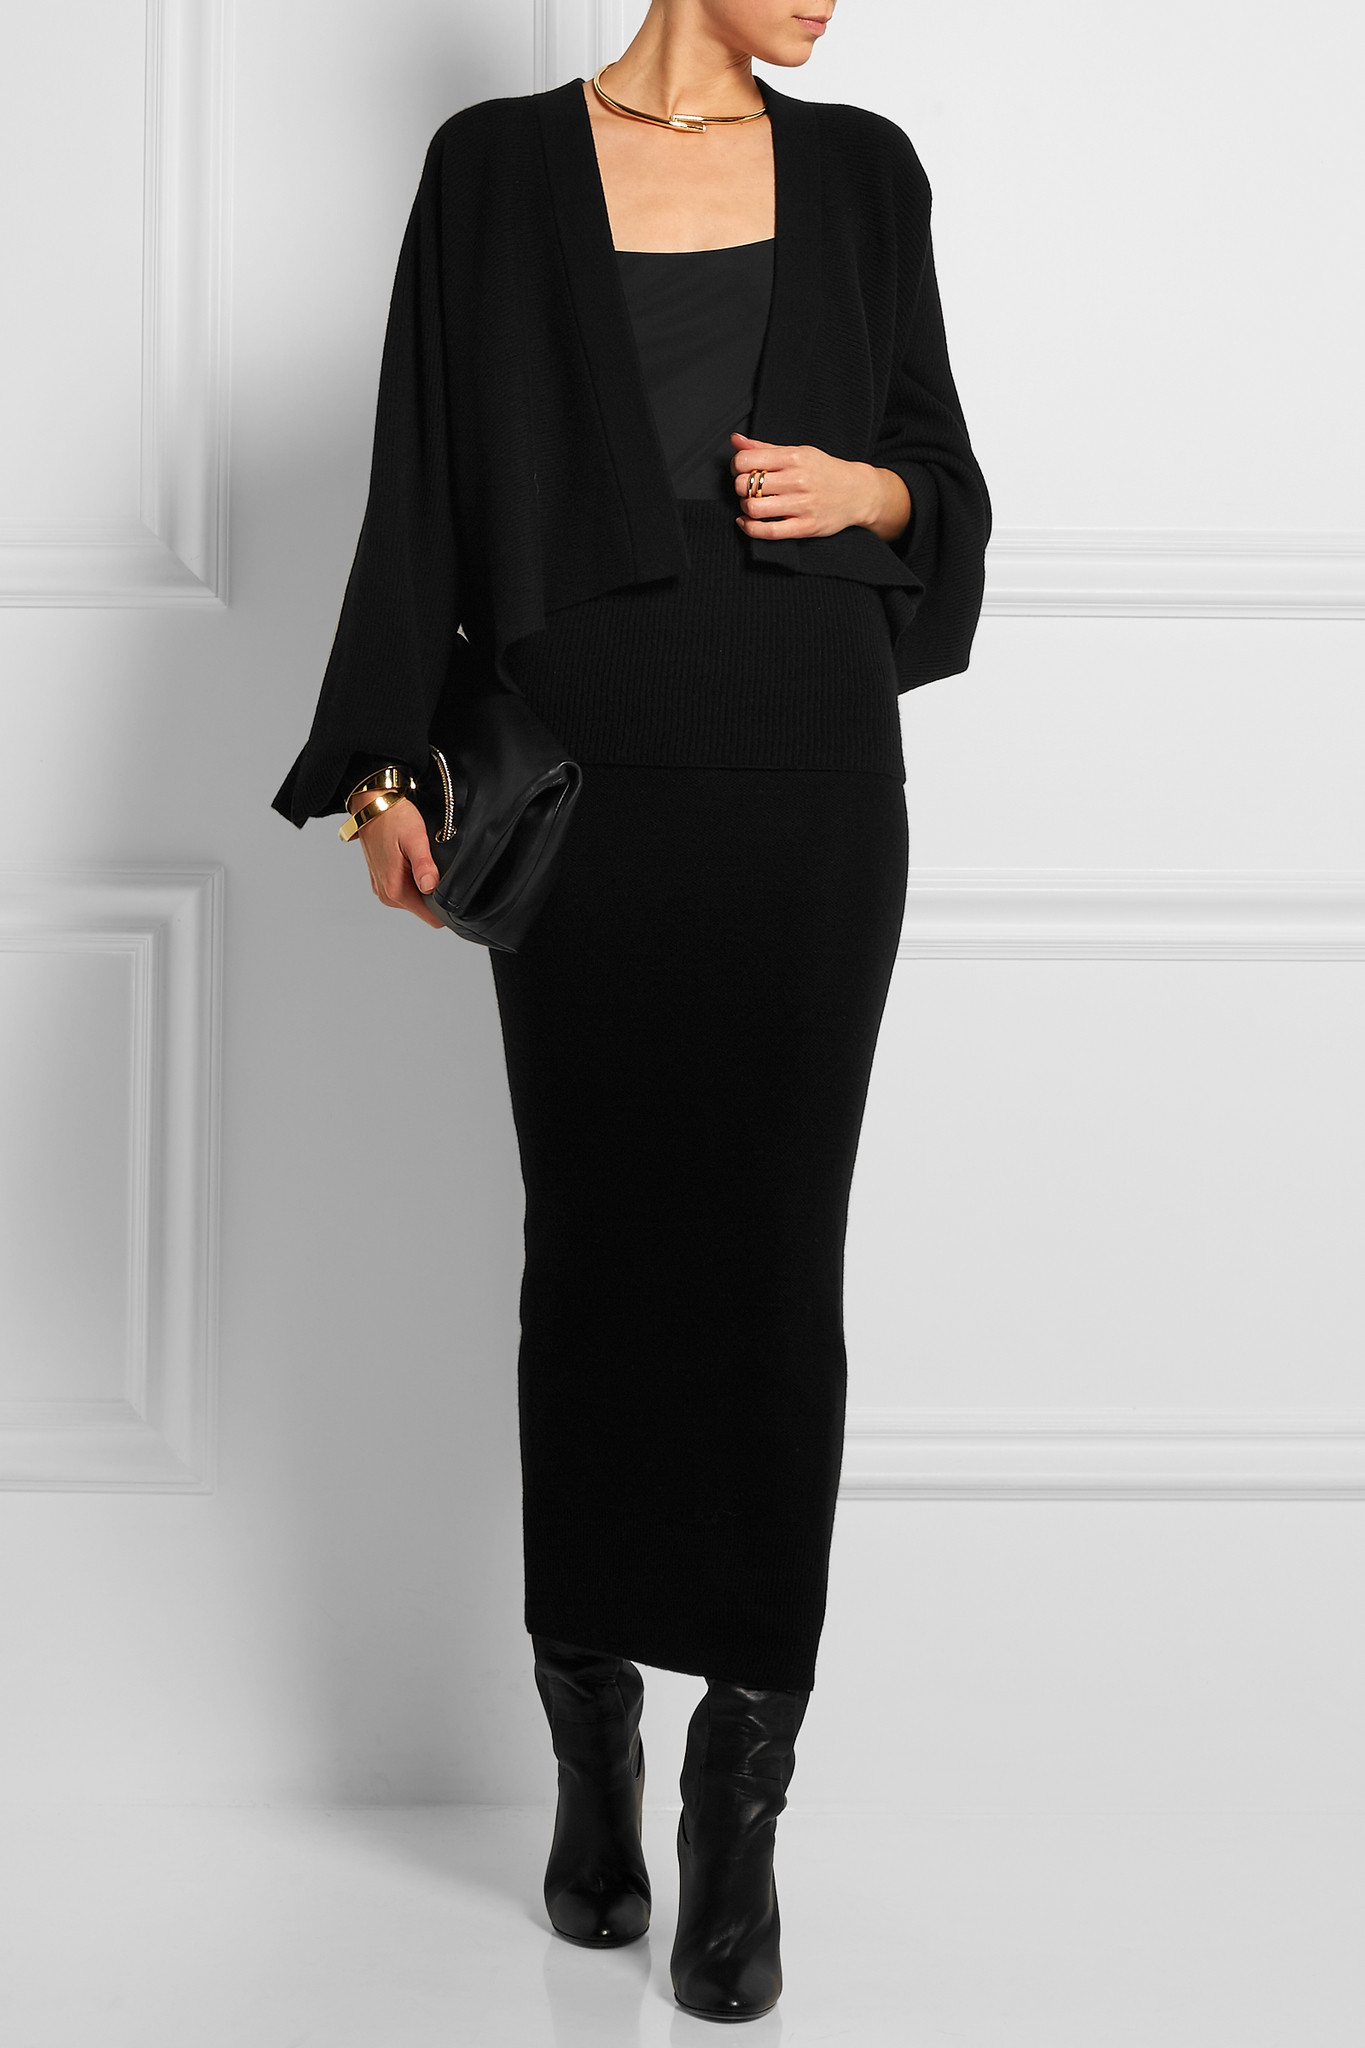 lyst donna karan cropped ribbed cashmere cardigan in black. Black Bedroom Furniture Sets. Home Design Ideas